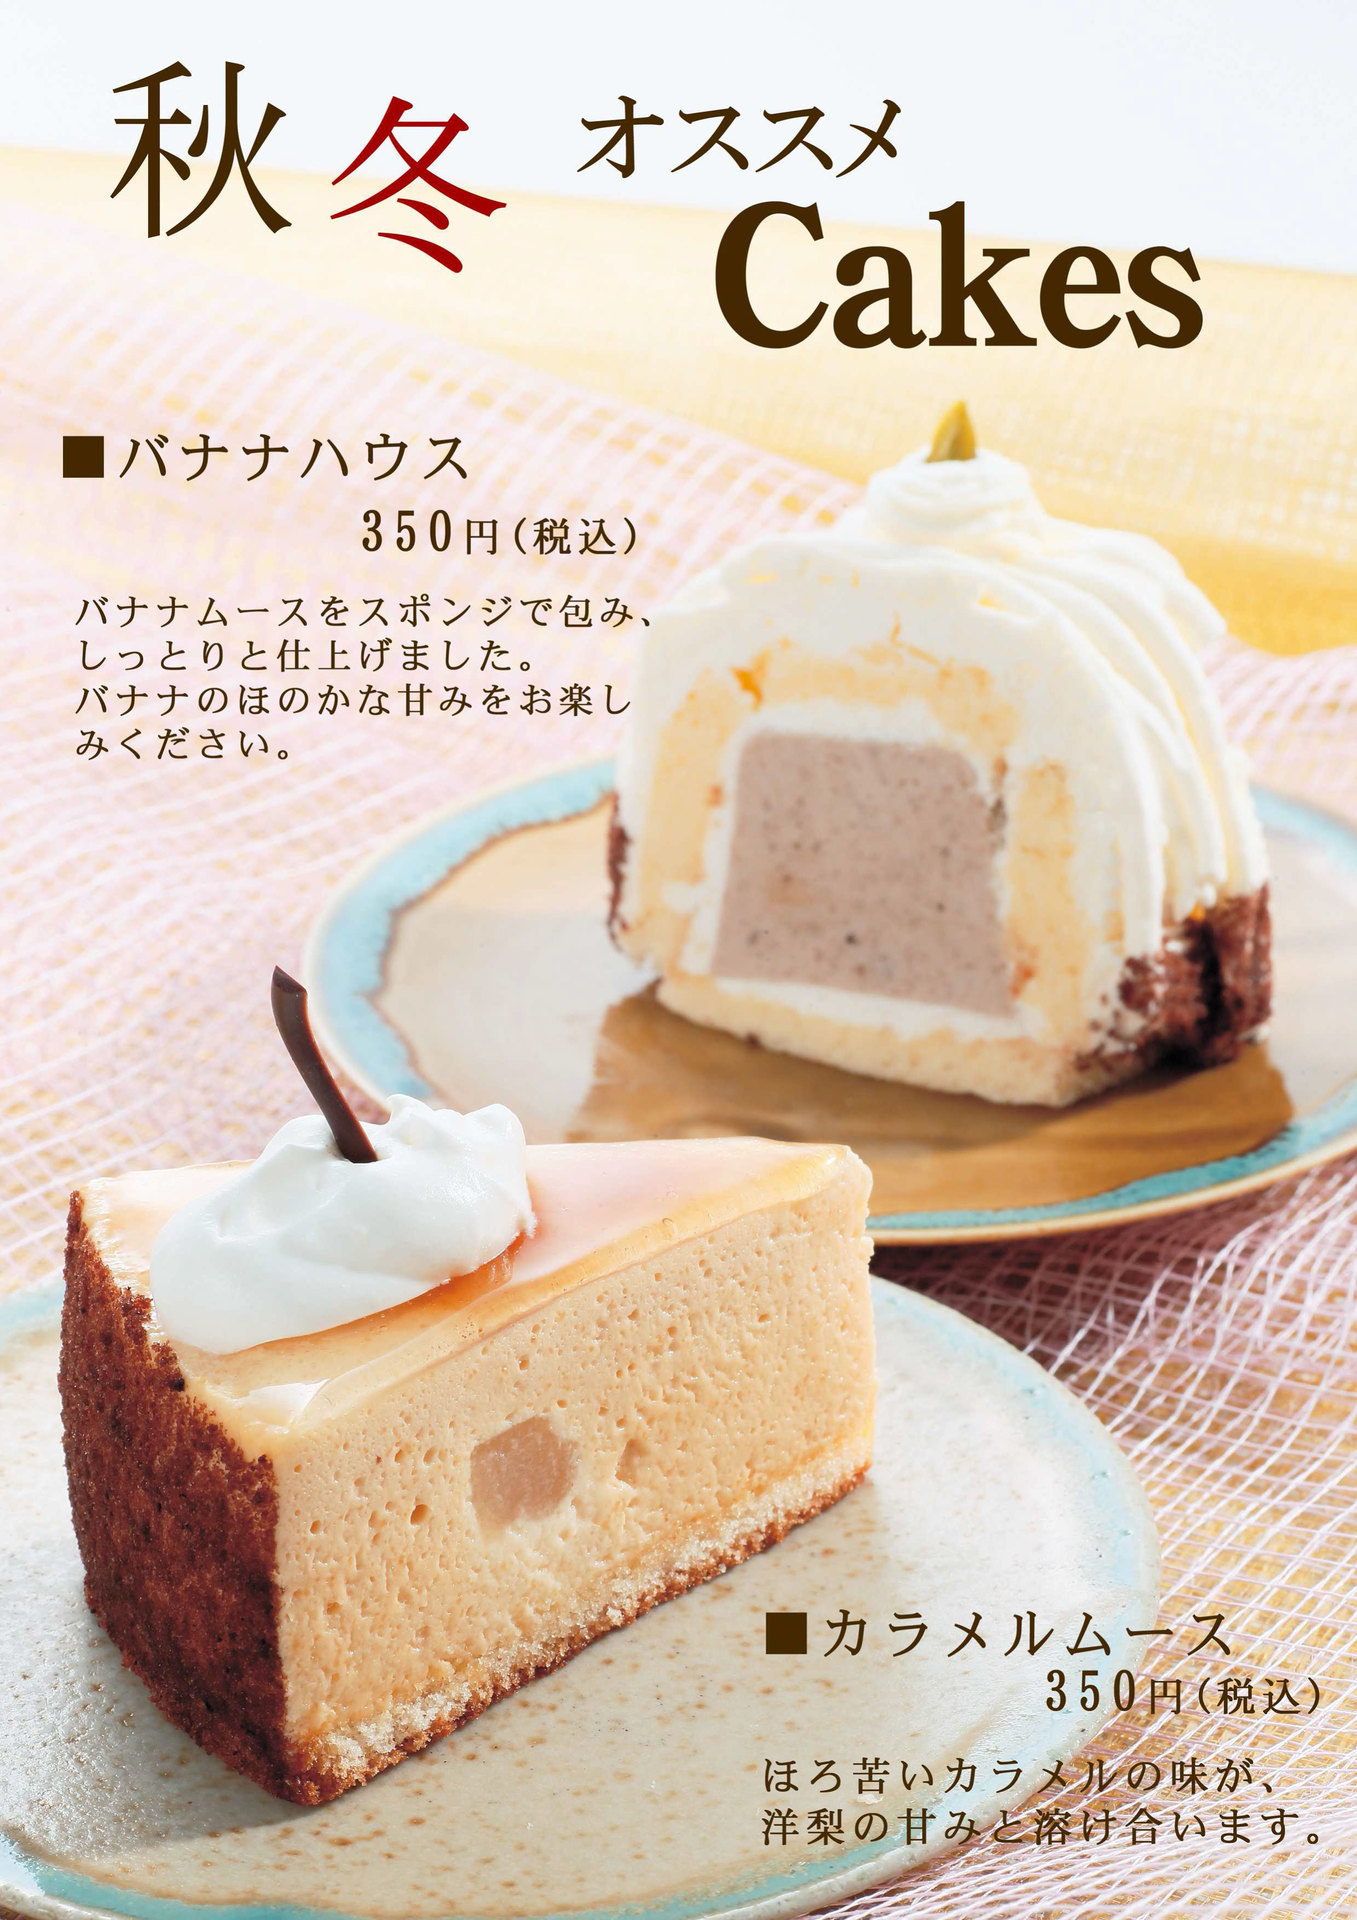 蔵の10〜12月限定ケーキ